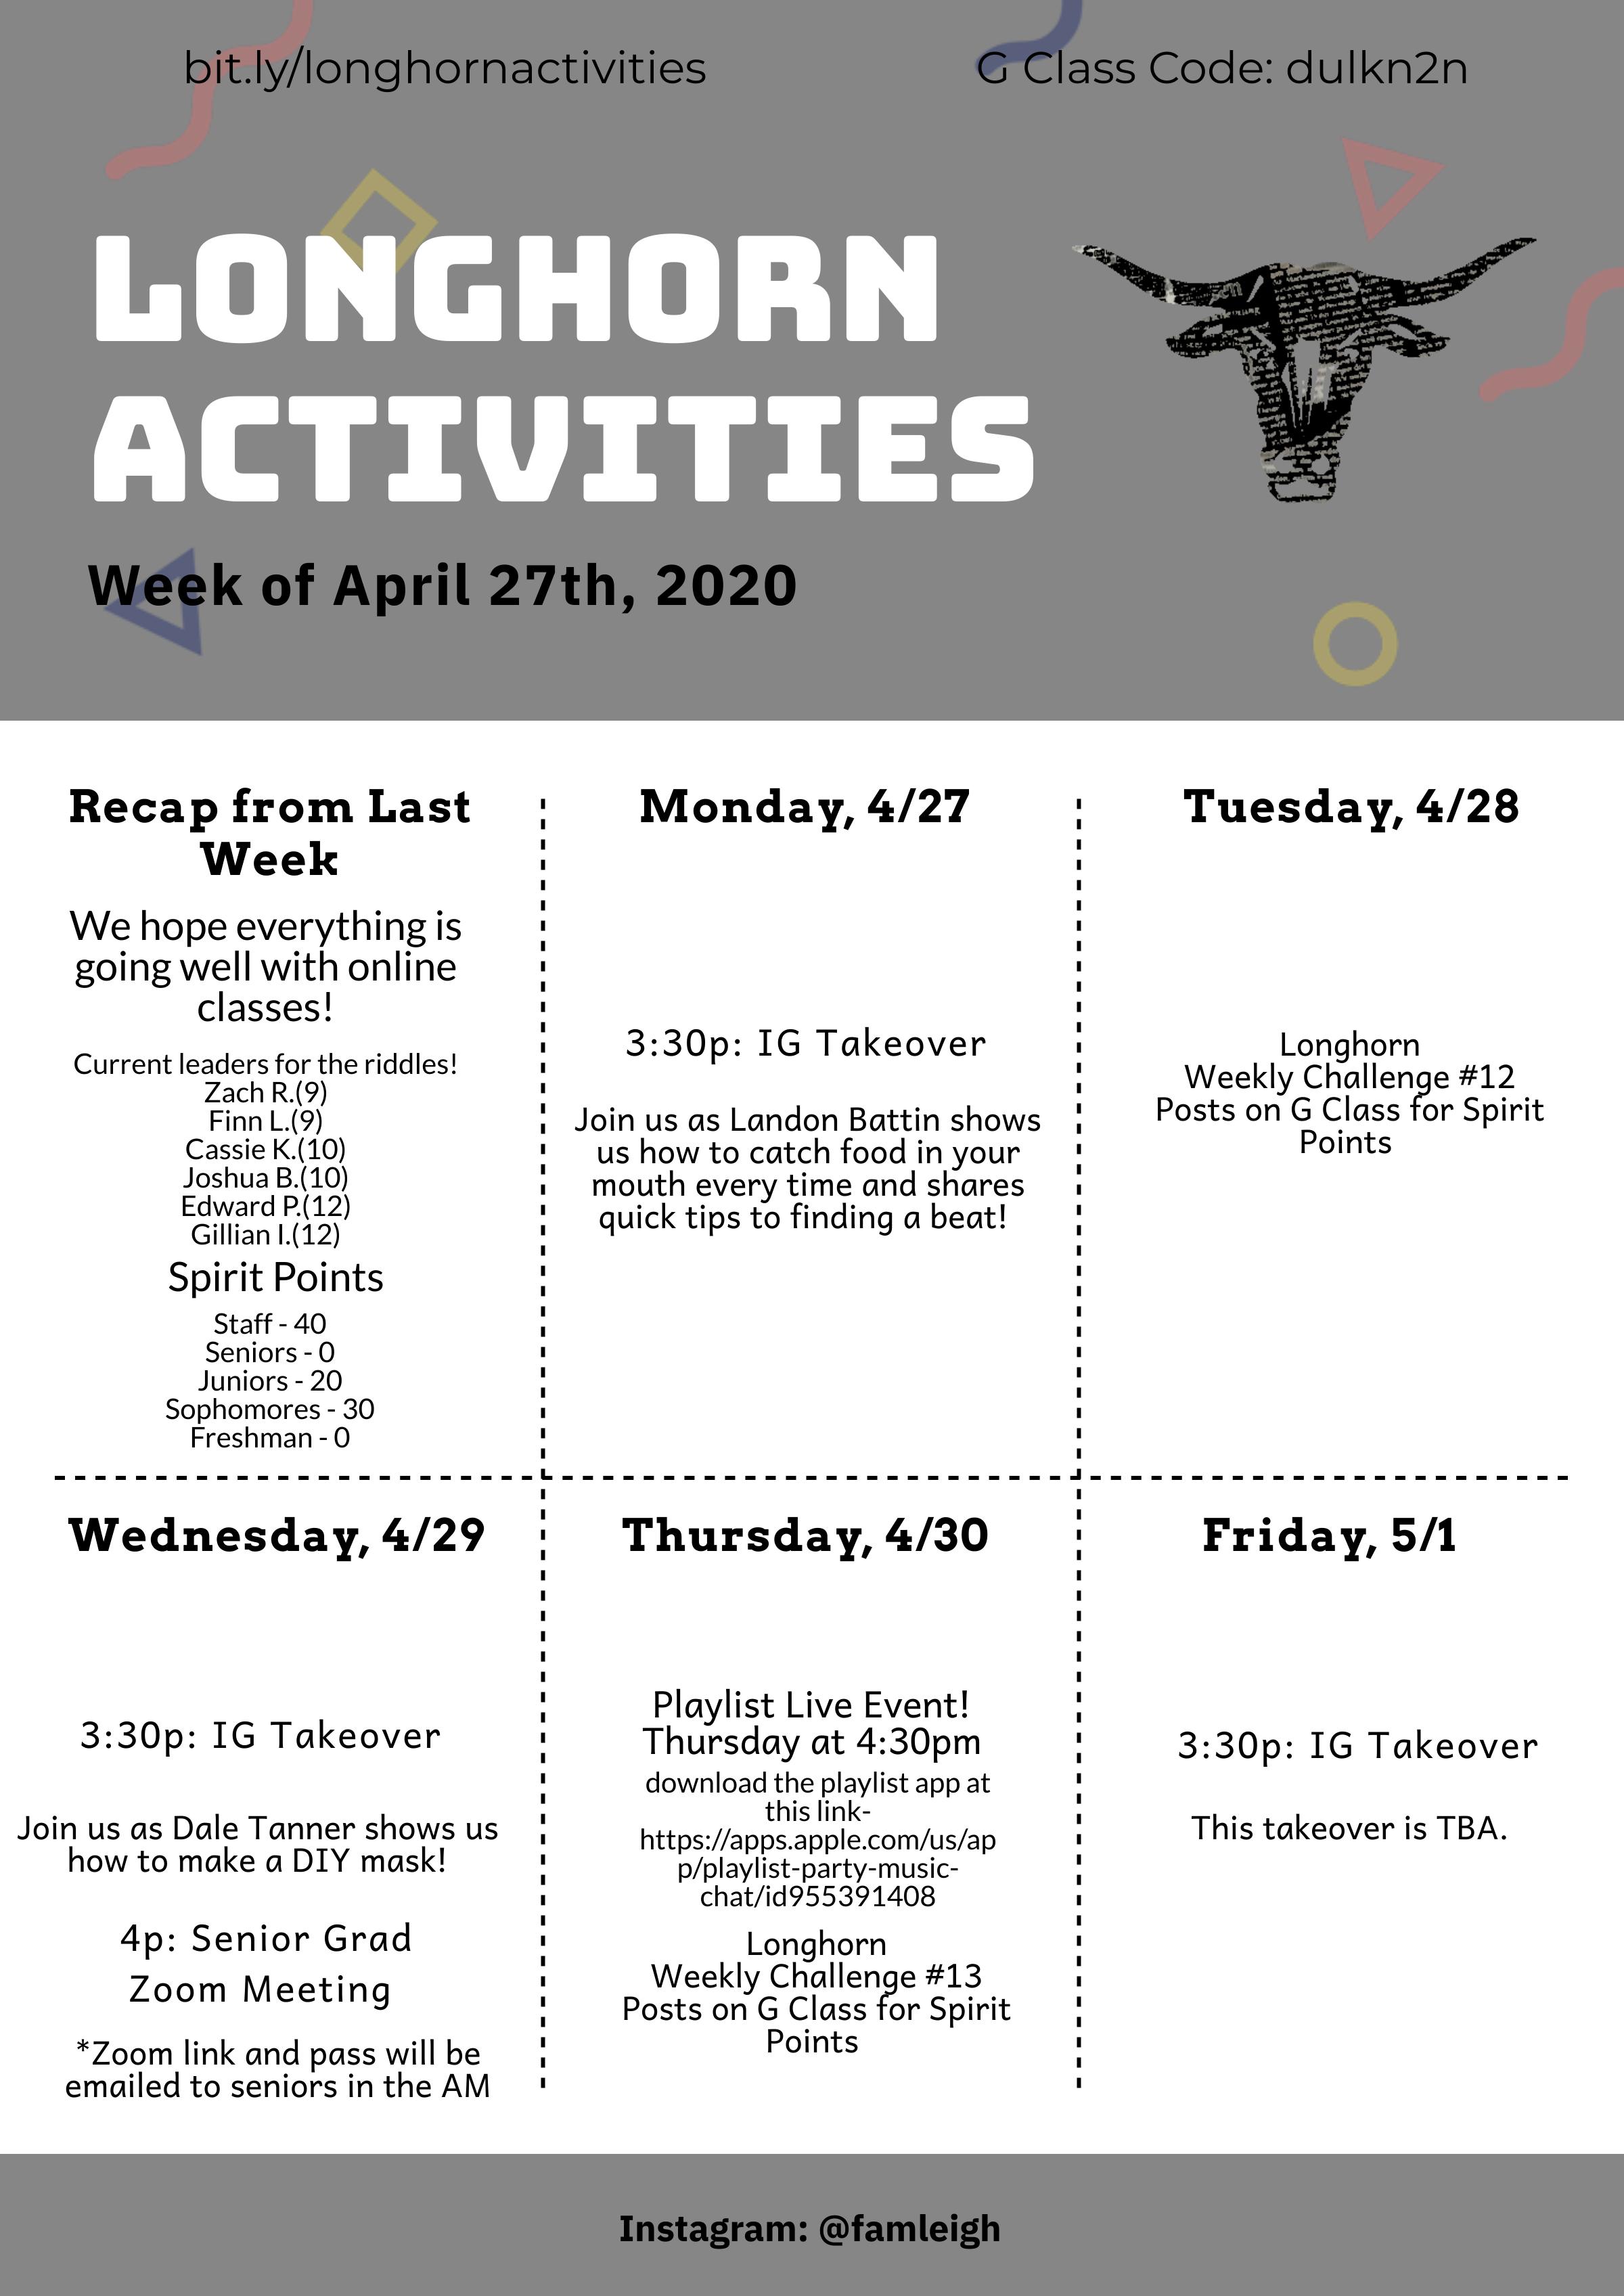 Week of APR 27